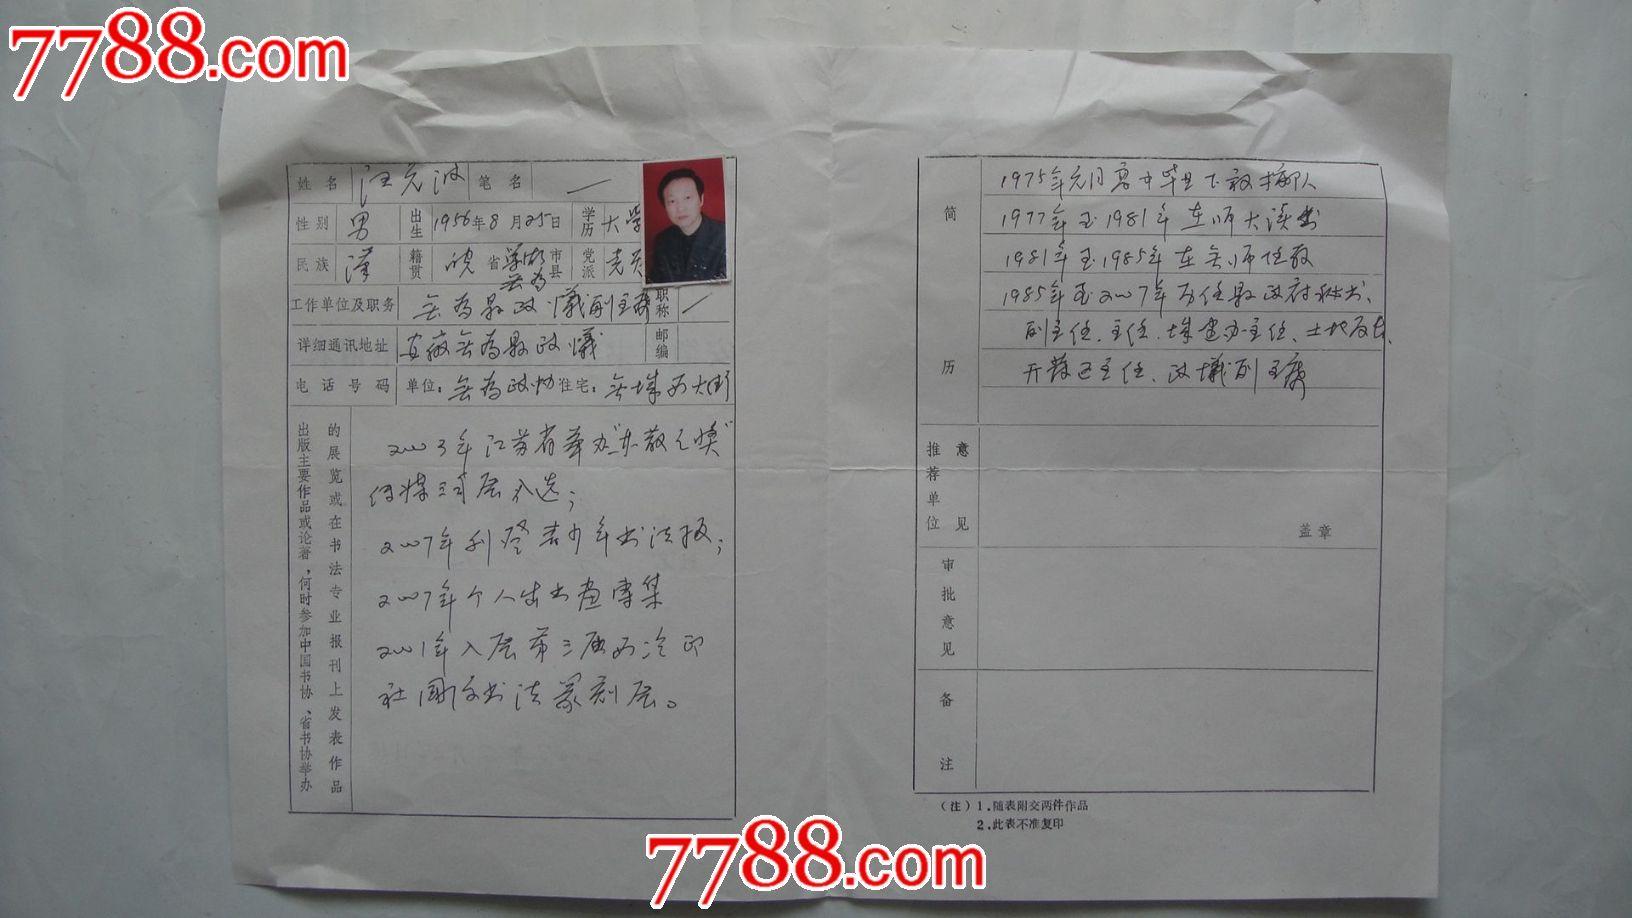 安徽省书法家协会入会申请表_价格100元【咏书斋】_第2张_中国收藏图片